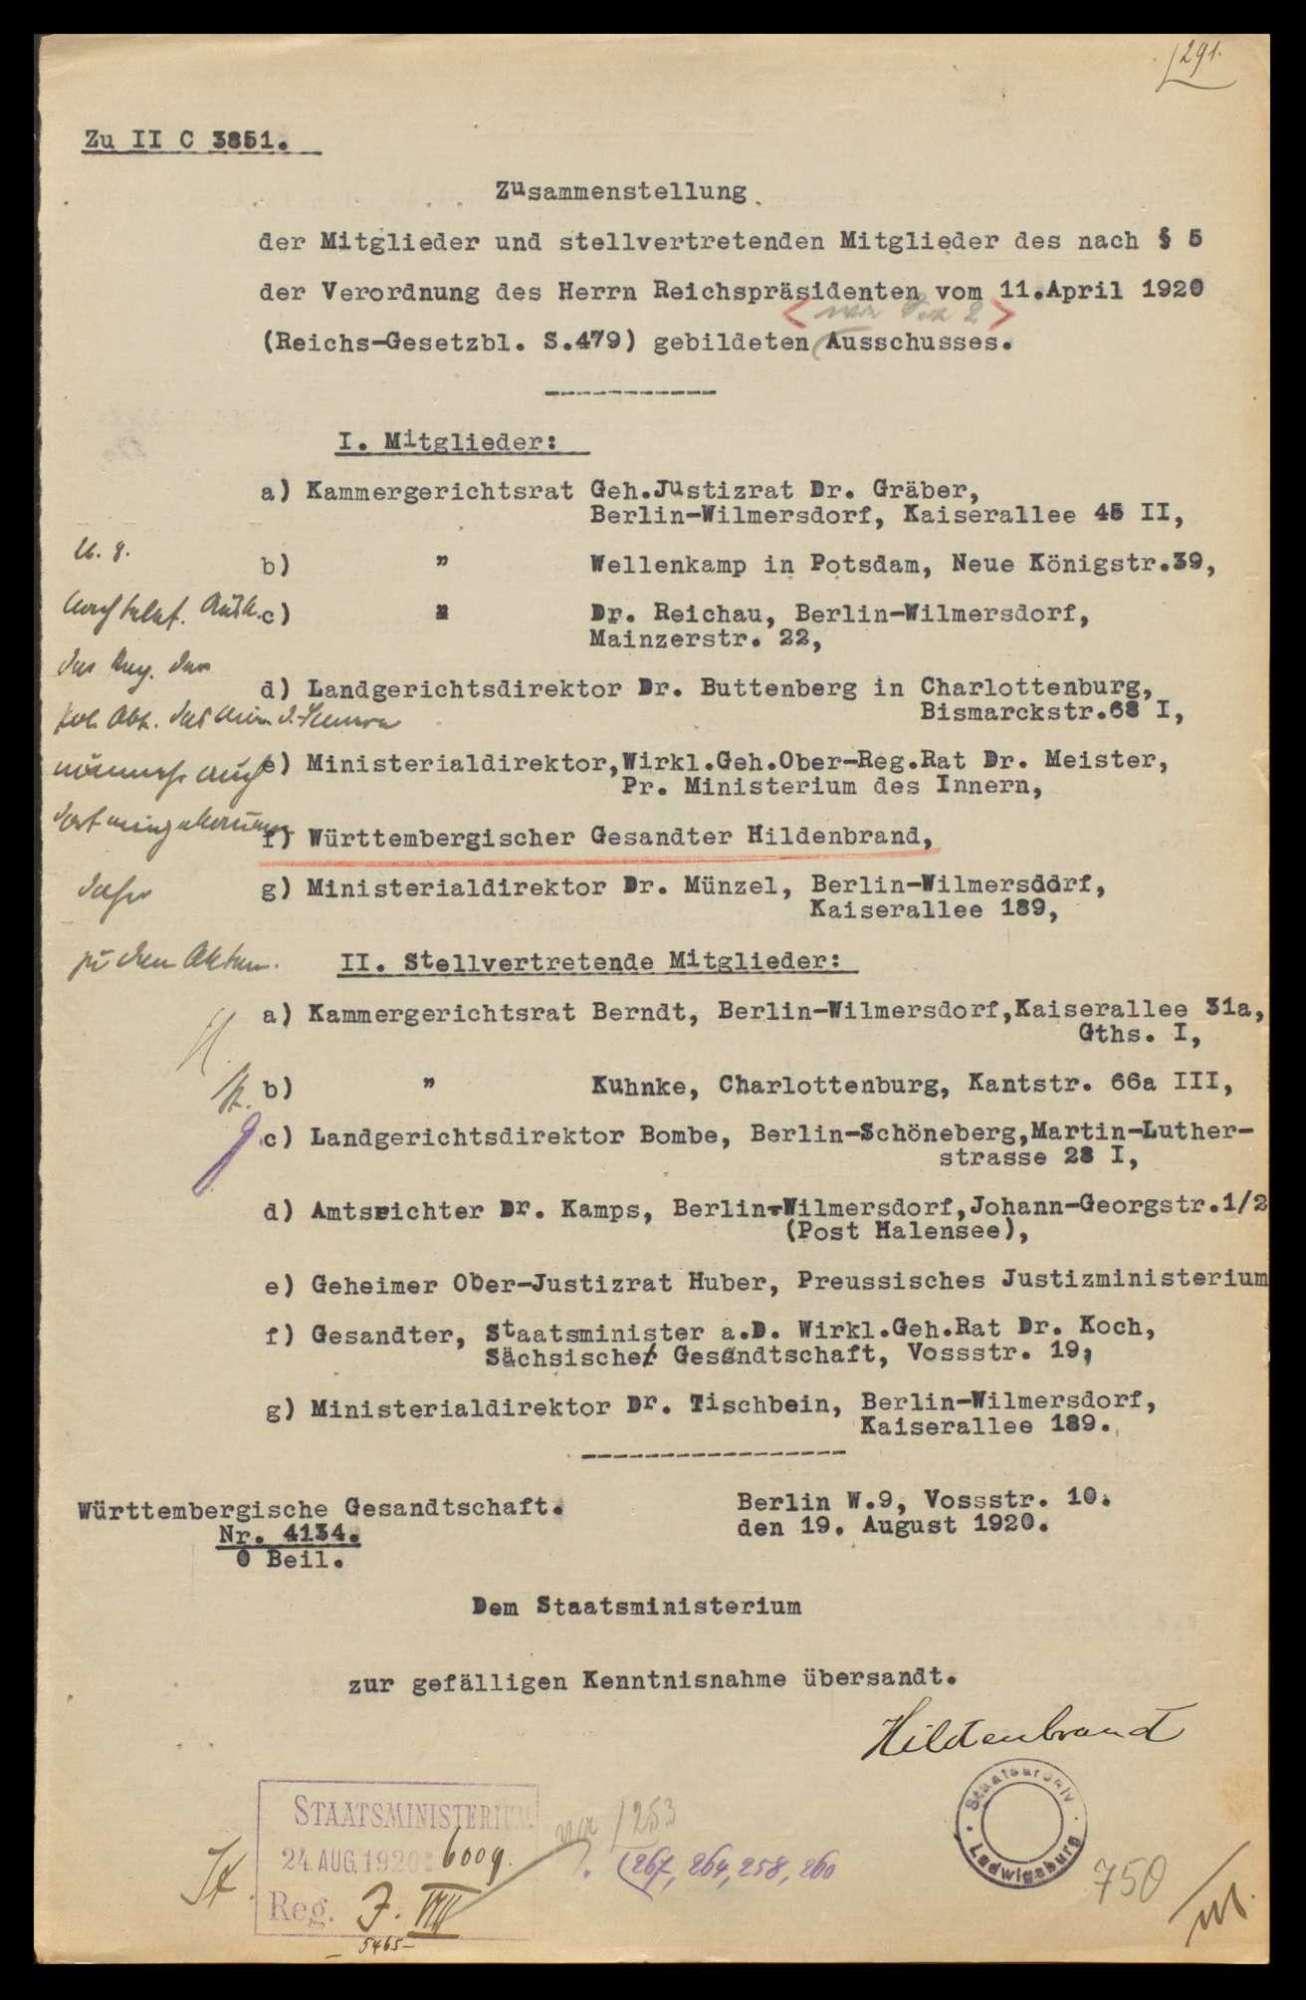 Bildung eines Reichsratsausschusses als Beschwerdeinstanz bei Verboten periodischer Druckschriften, Bild 2